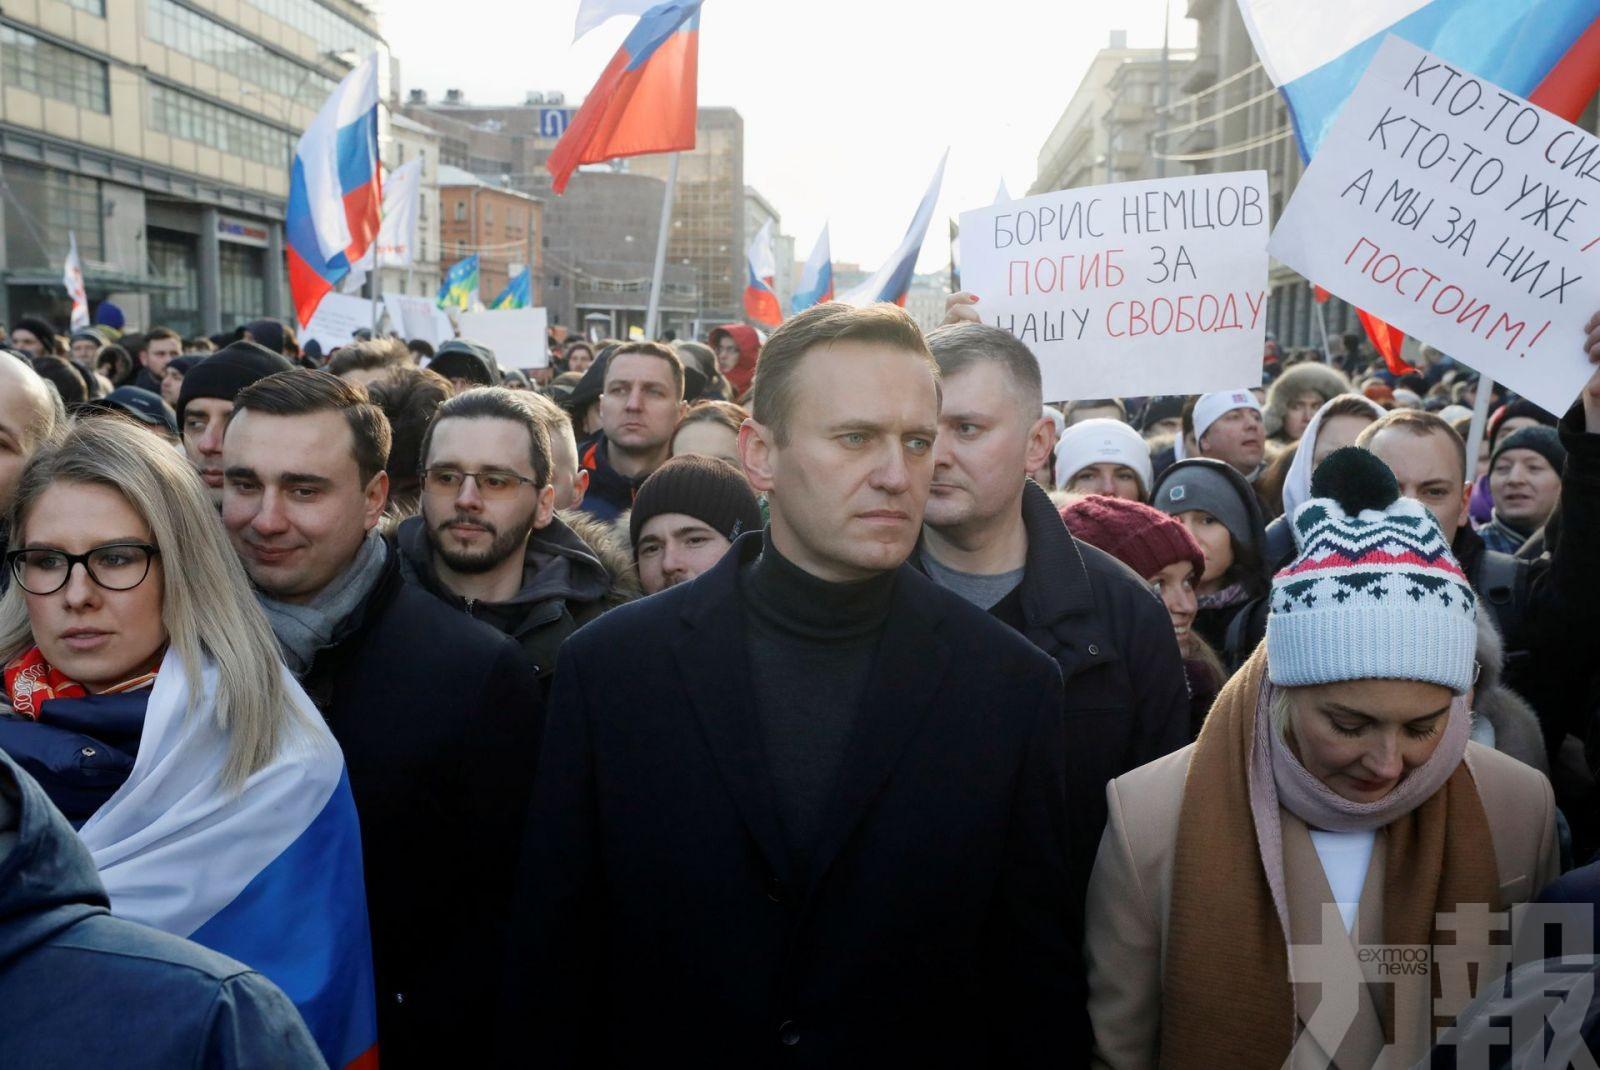 歐盟呼籲俄國獨立調查